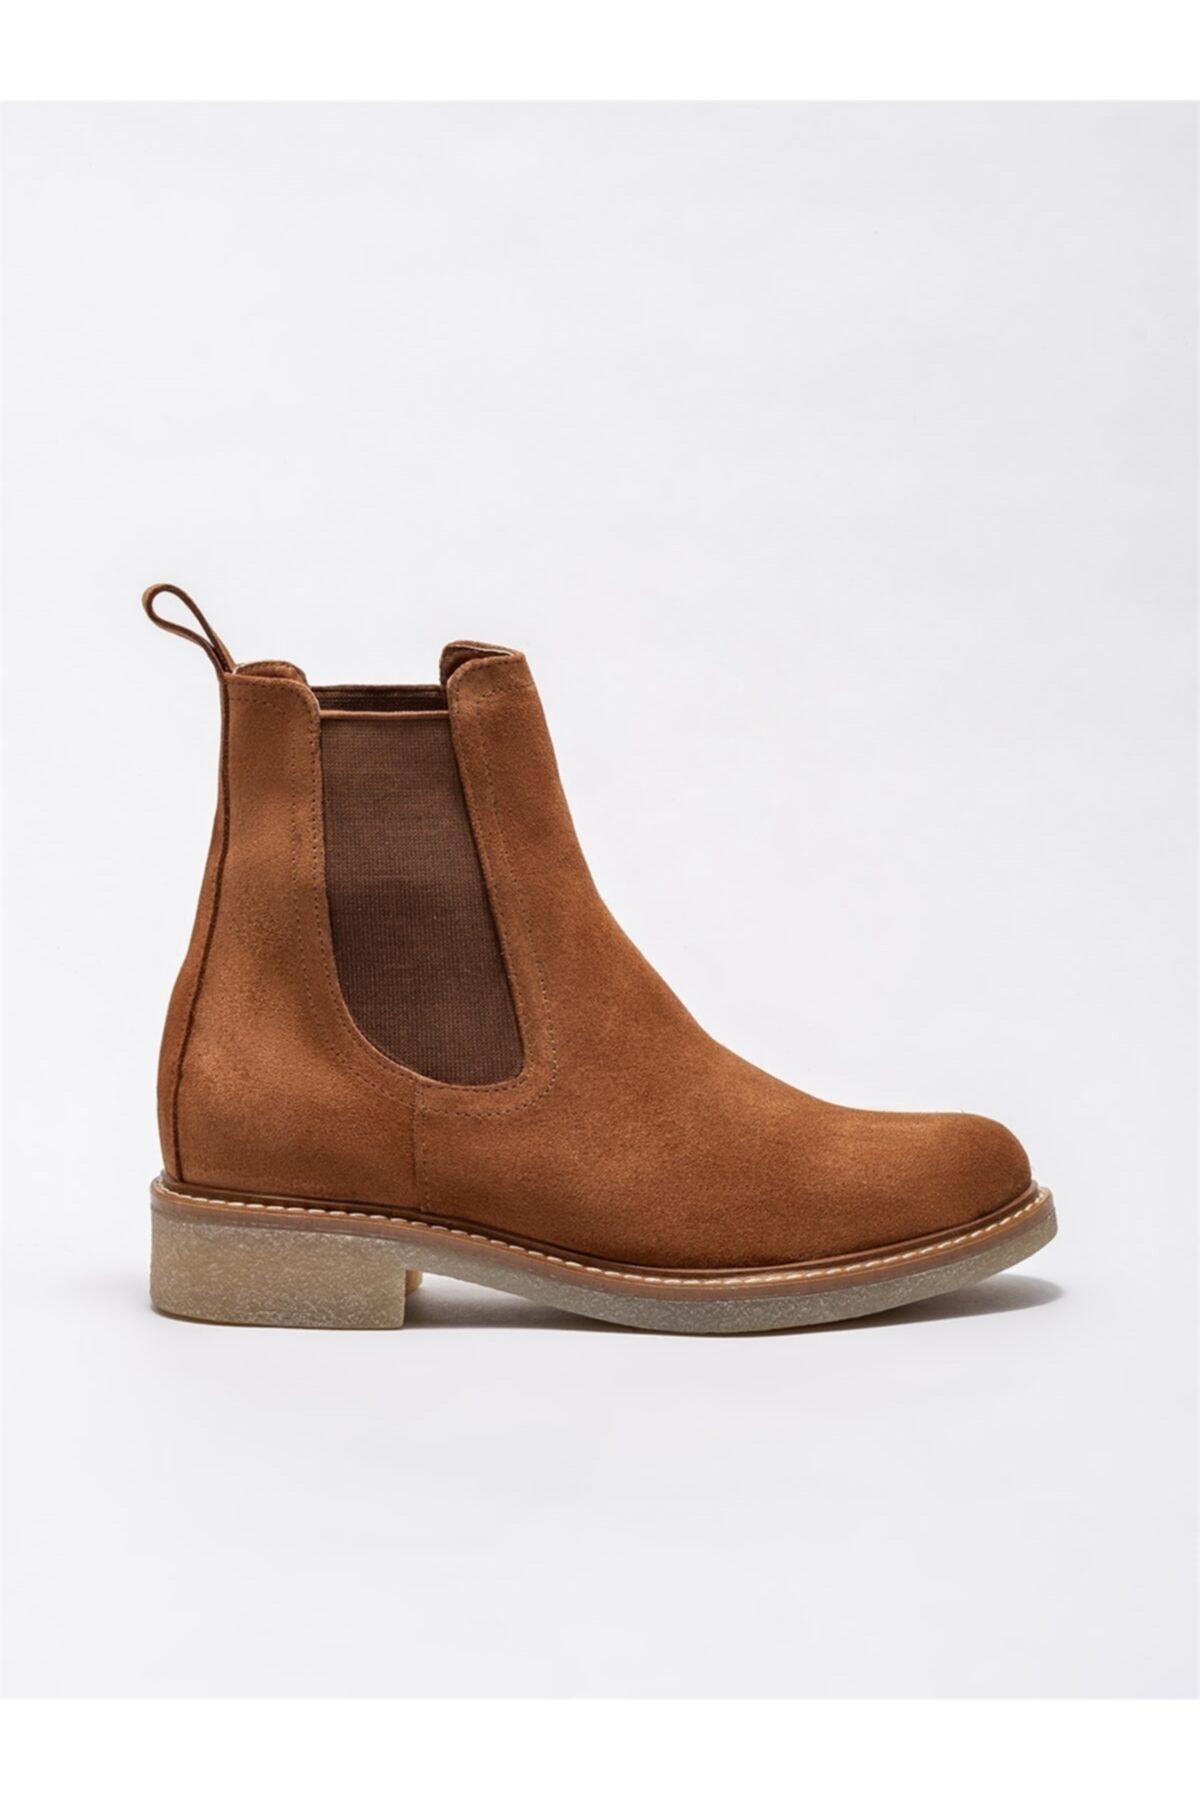 Elle Shoes Taba Deri Kadın Günlük Düz Bot 1